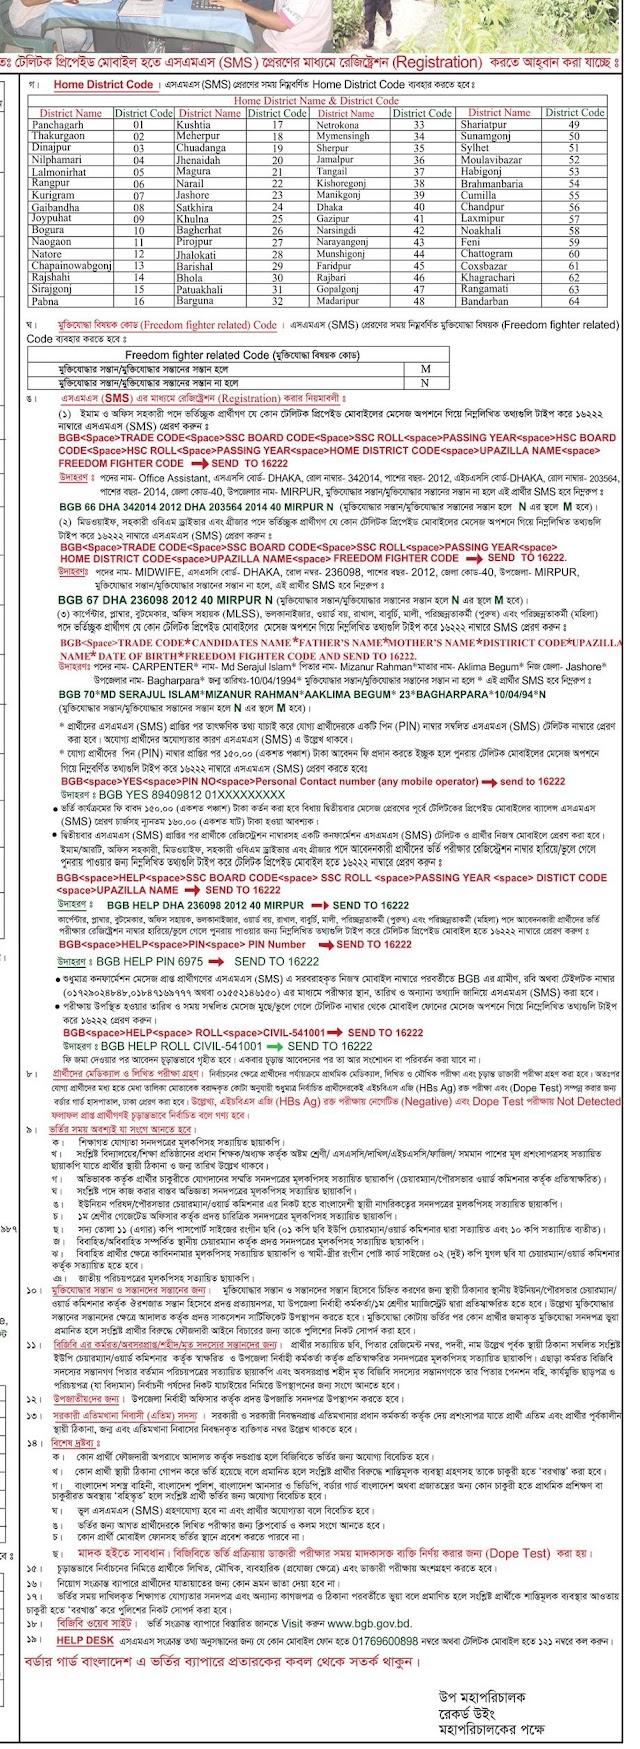 বর্ডার গার্ড বাংলাদেশ (বিজিবি) এর অসামরিক বিভিন্ন পদে নিয়োগ বিজ্ঞপ্তি ২০২০